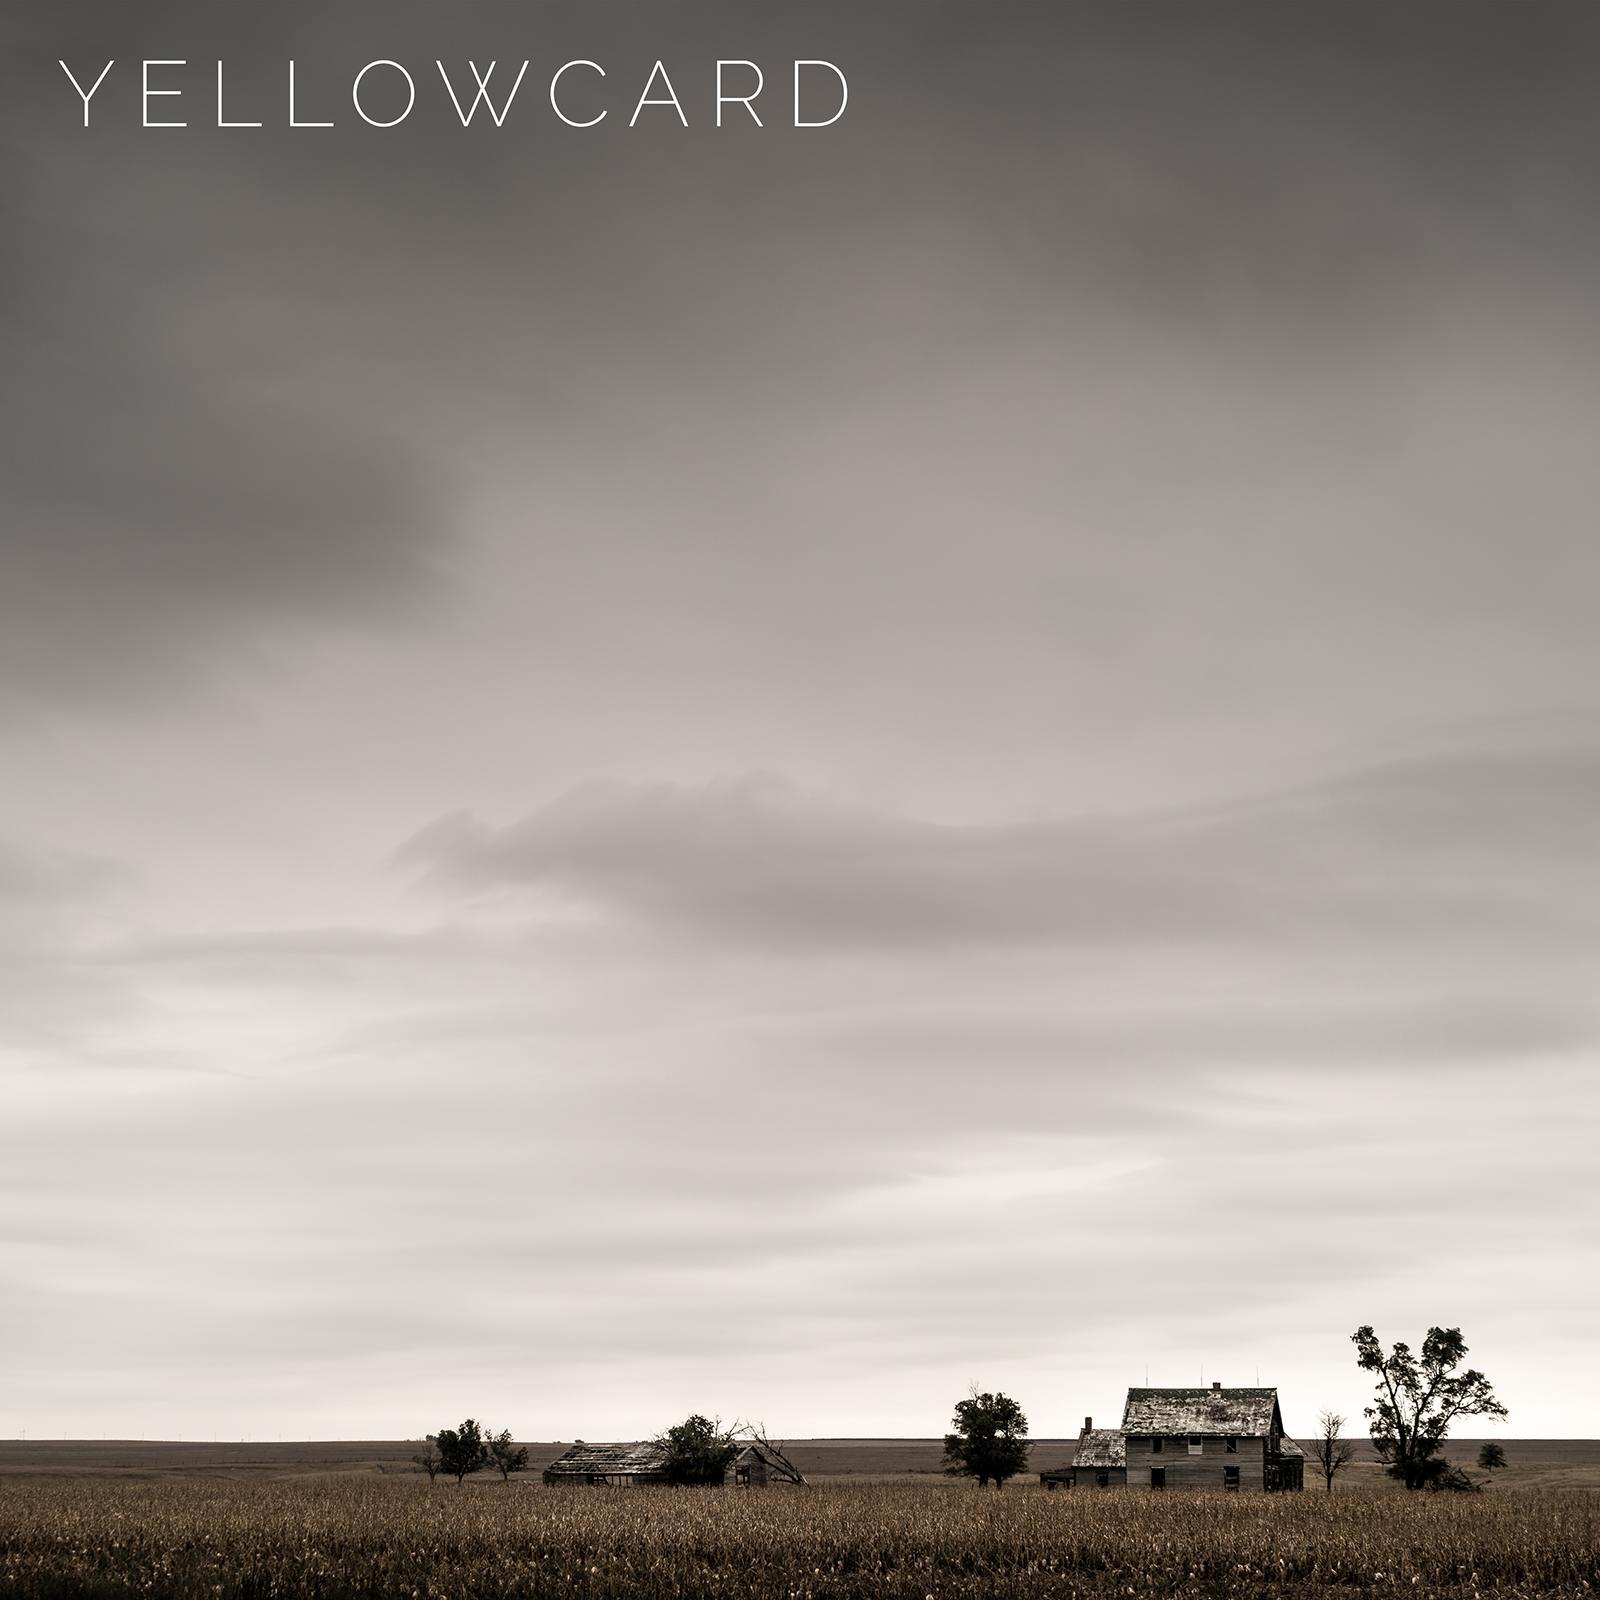 yellowcard - yellowcard